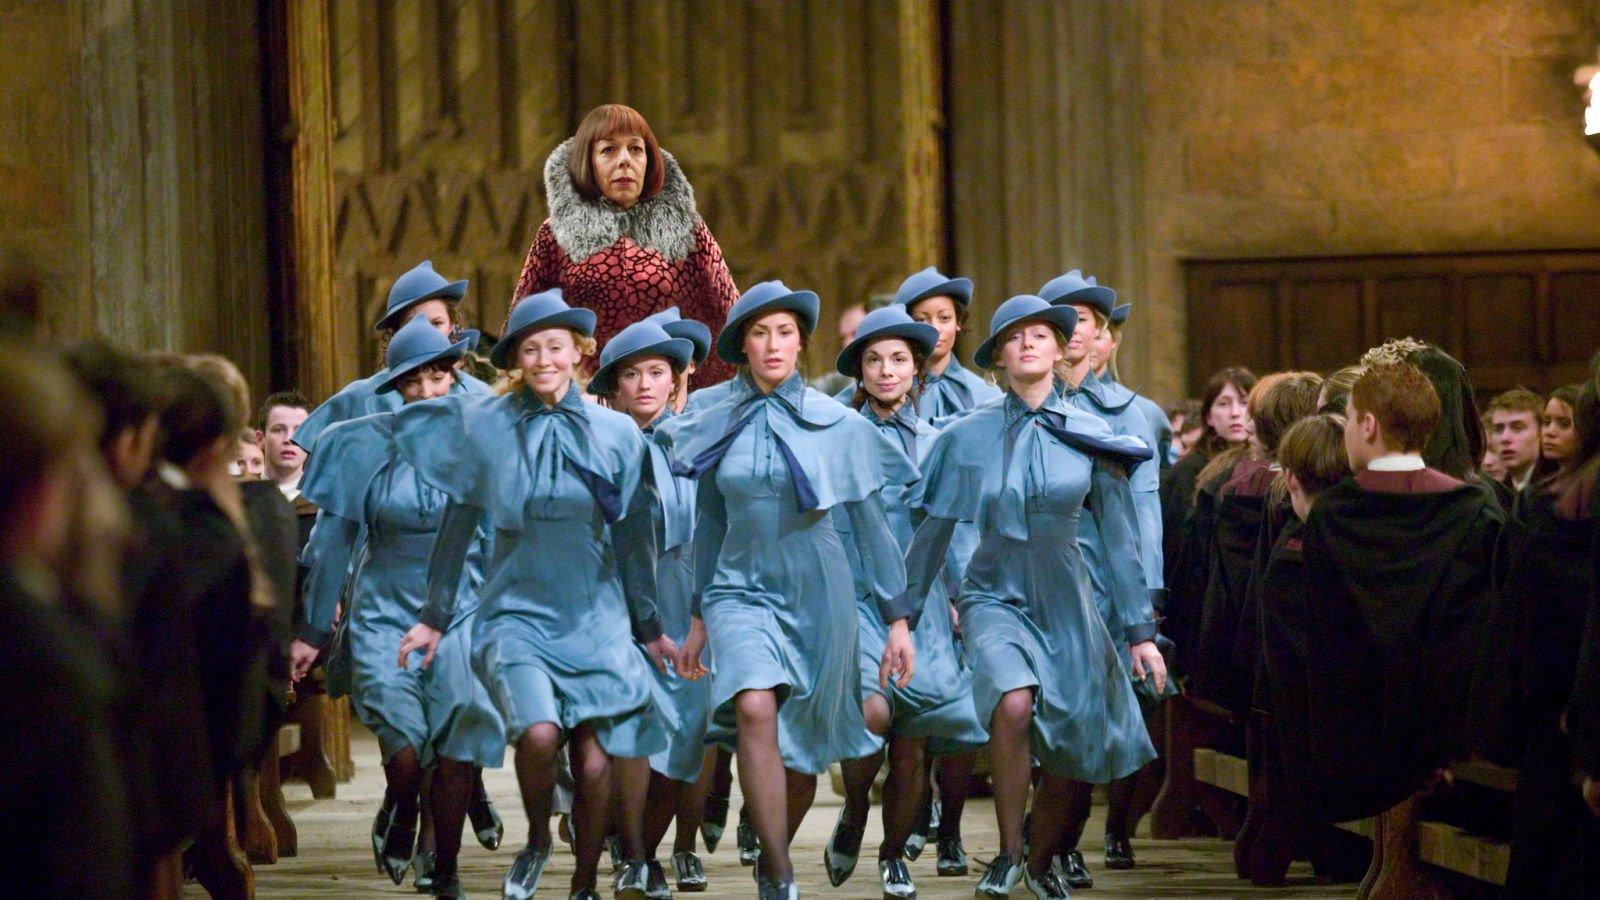 Как снимались фильмы о Гарри Поттере: история создания костюмов волшебников — фото 2